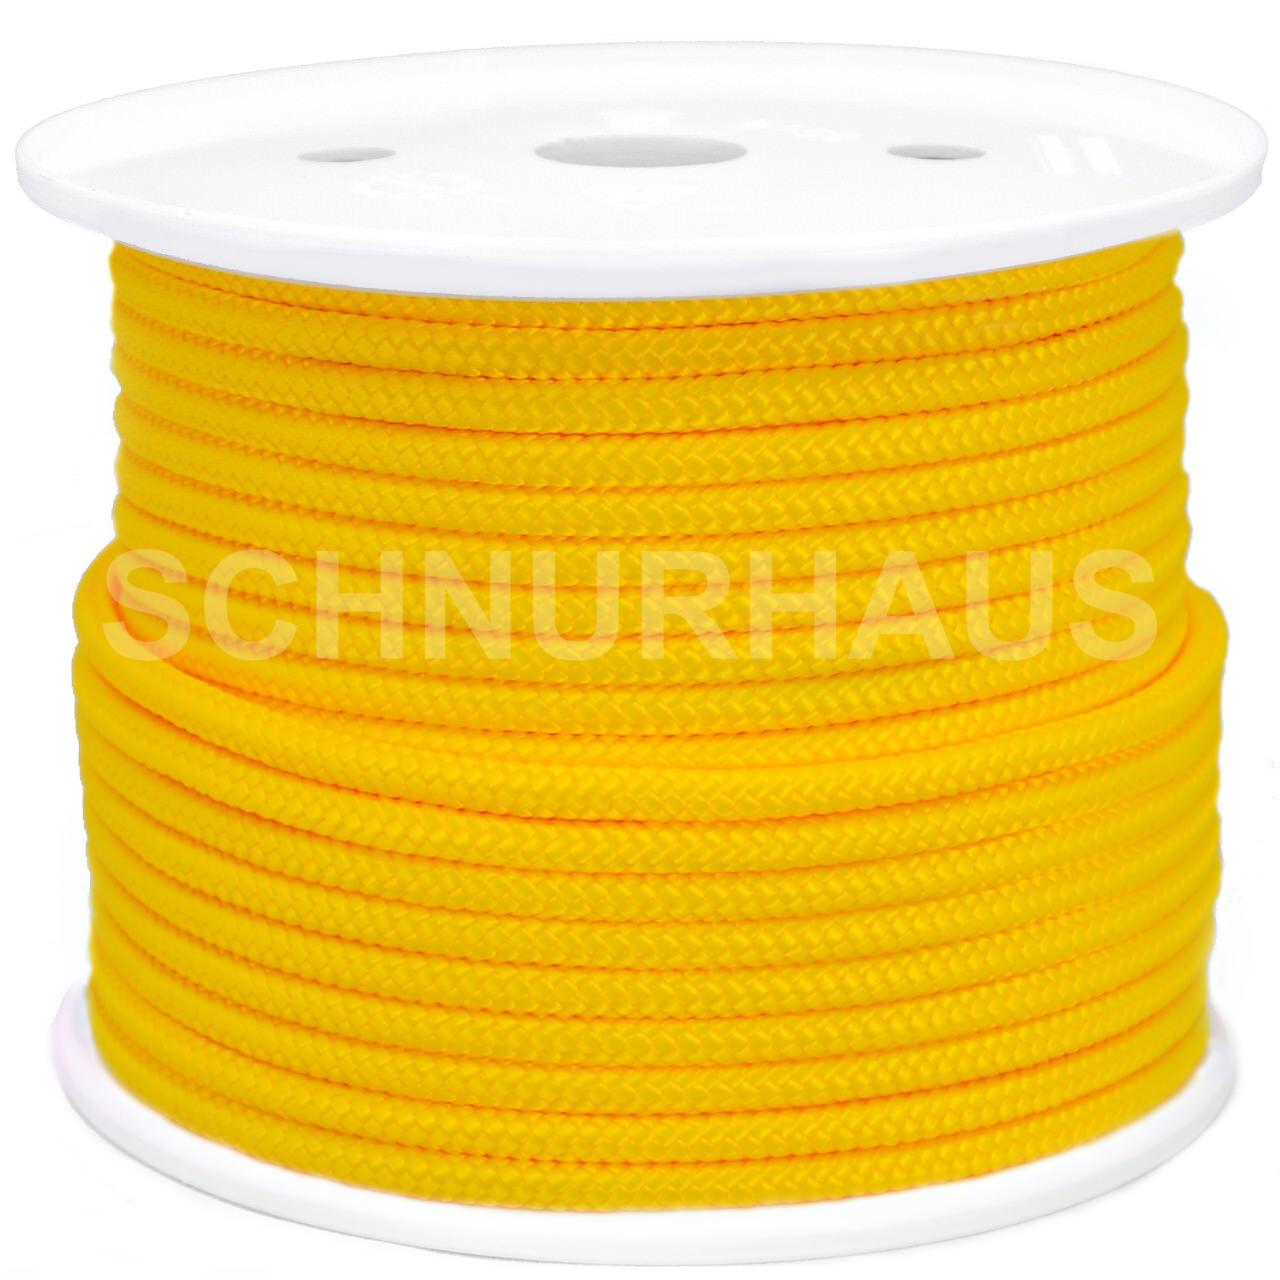 10mm 1500daN Polypropylenseil 50m gelb Leine Schnurhaus Schnur Schot Reepschnur